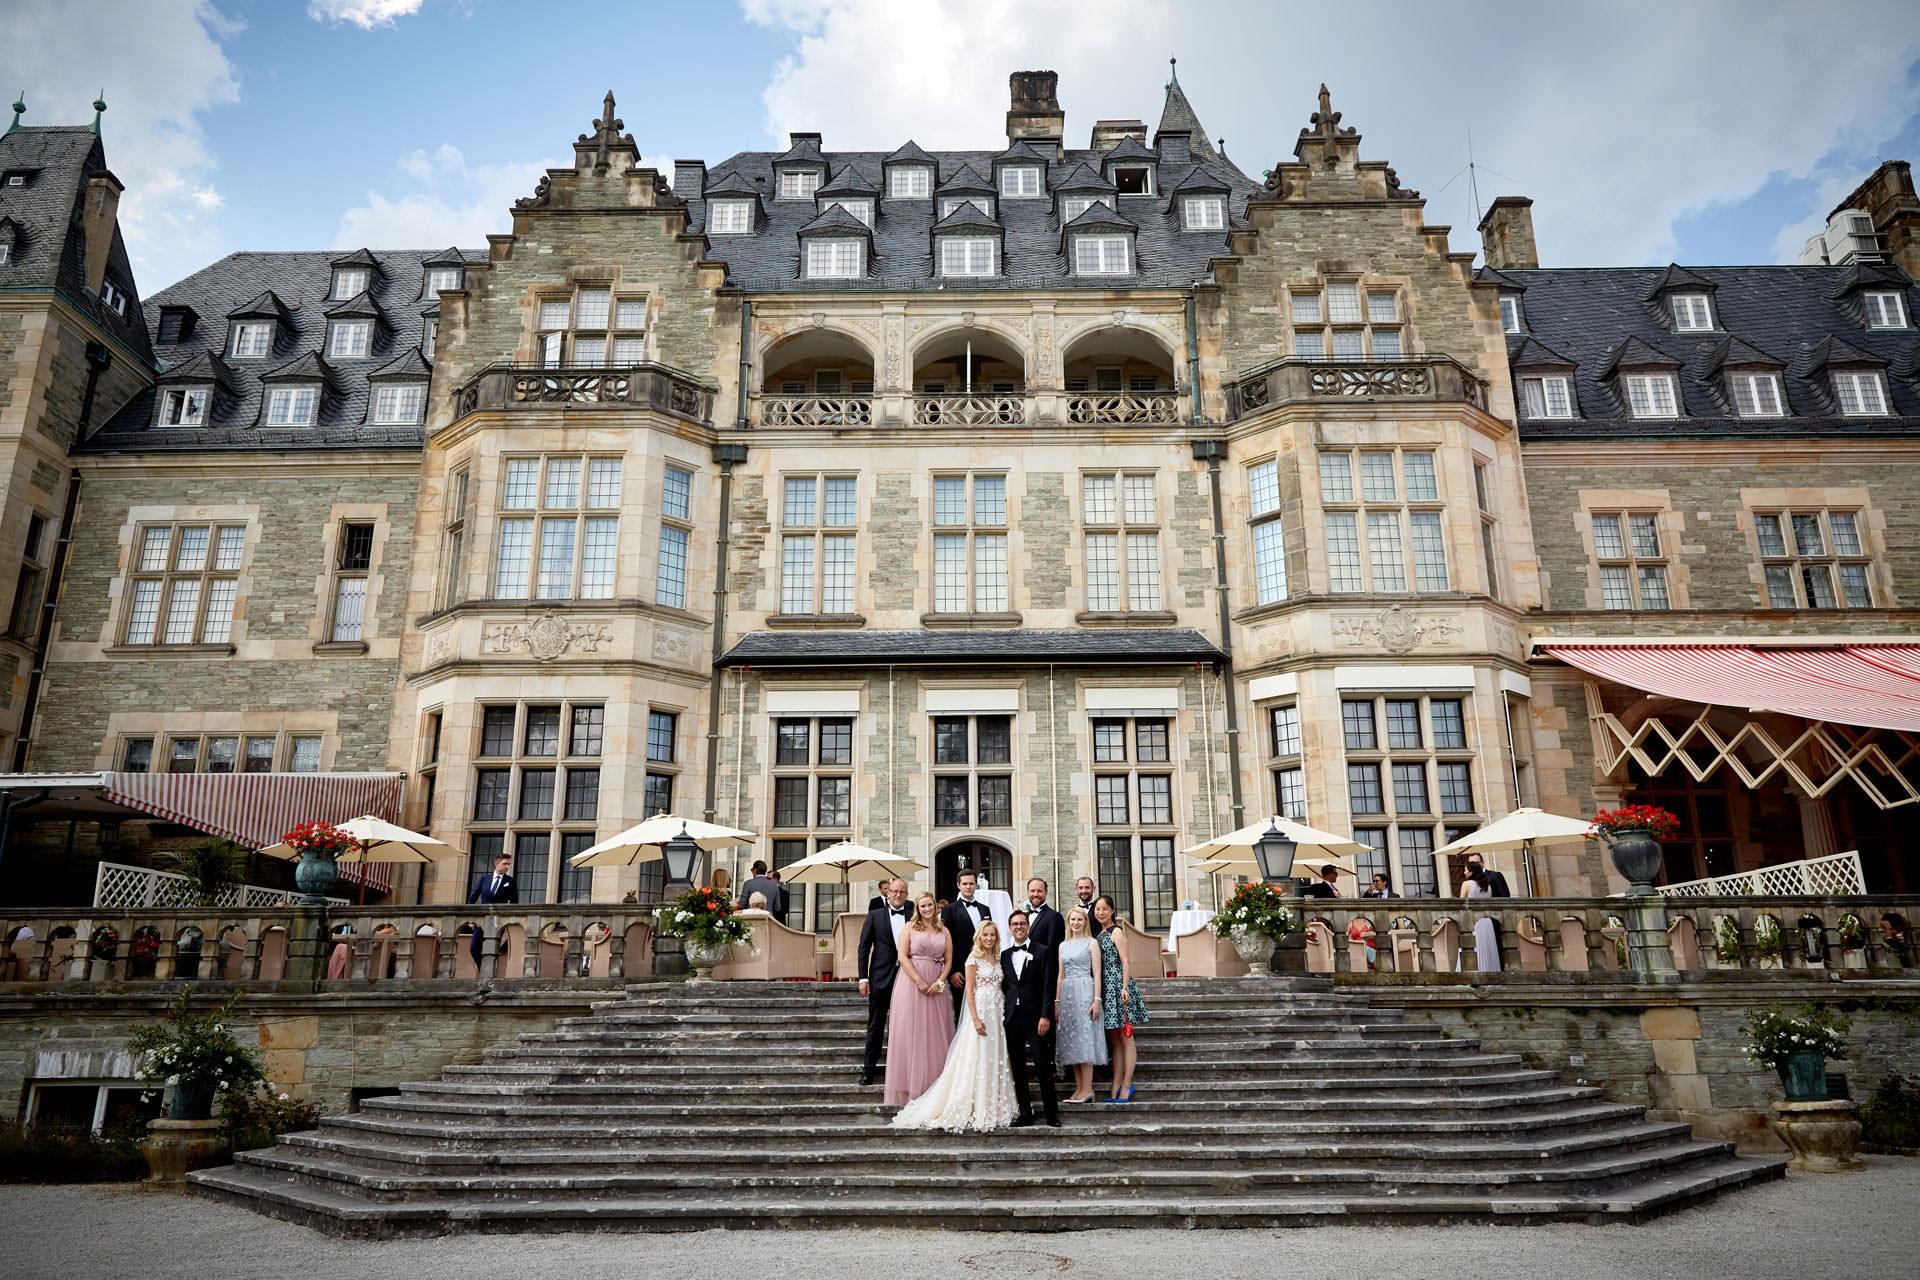 NS_284__Schlosshotel_Kronberg_#SchlosshotelKronberg_